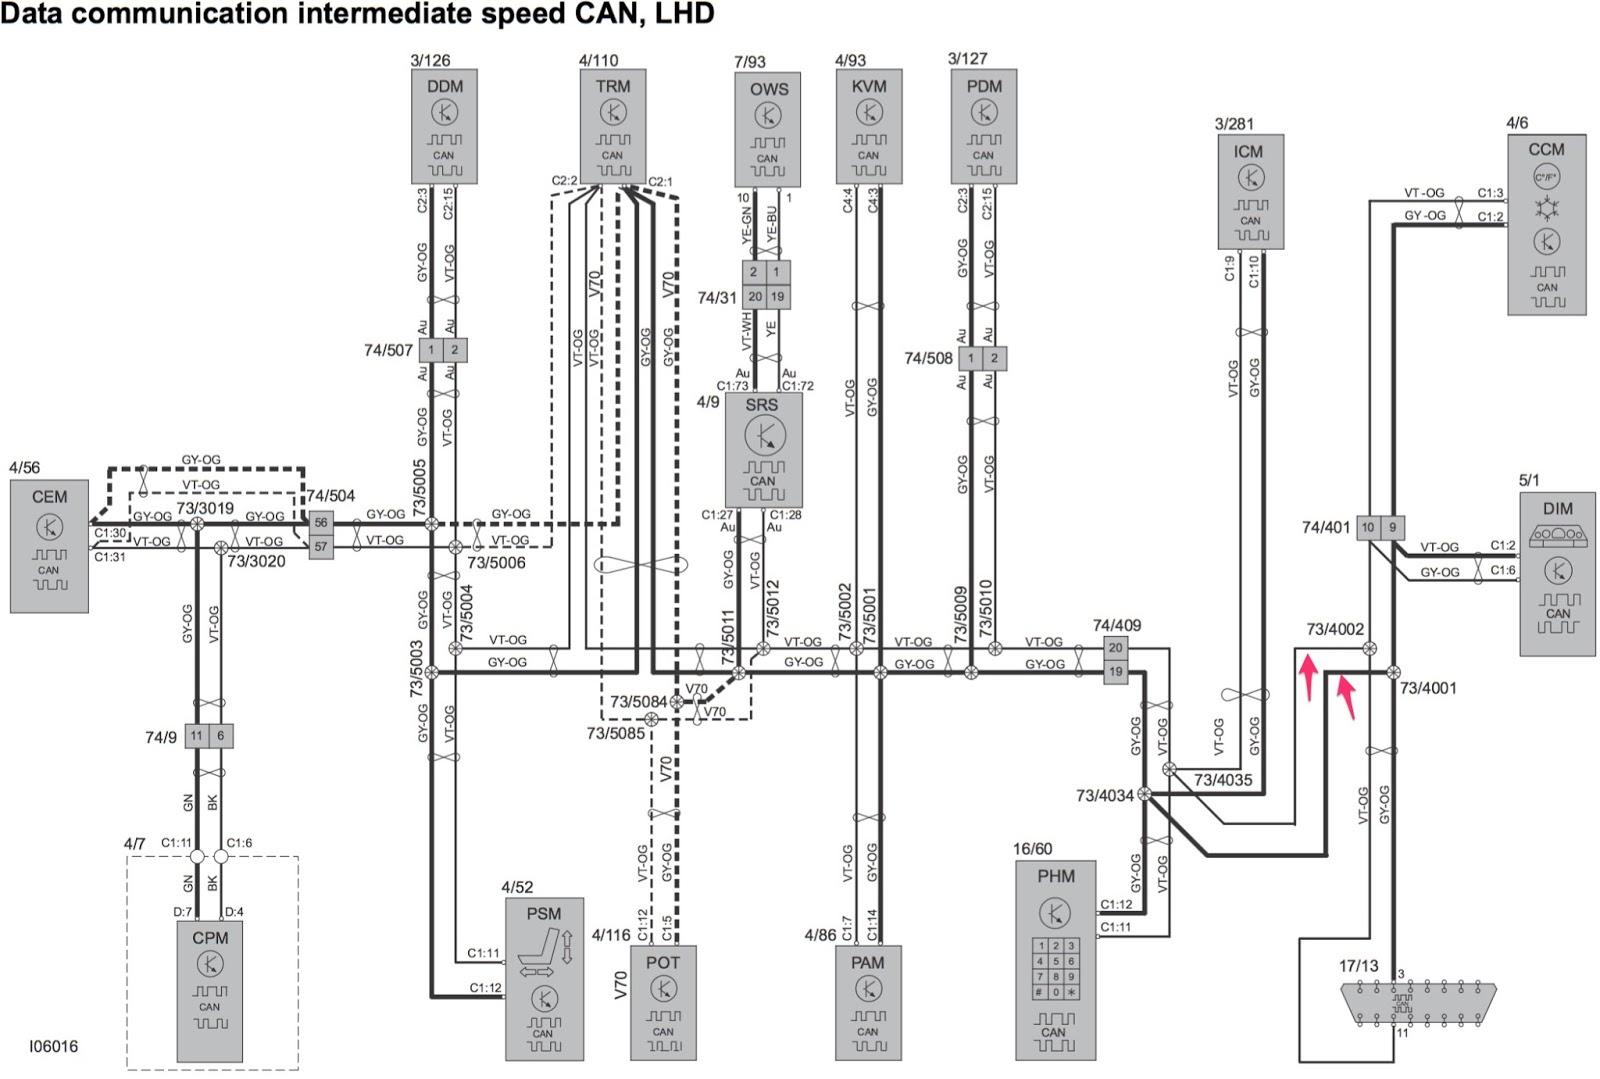 [WQZT_9871]  DIAGRAM] Can Bus Wiring Diagram R1200gs FULL Version HD Quality Diagram  R1200gs - FORDFUSEBOXDIAGRAM.CREAPITCHOUNE.FR | Can Wiring Diagram |  | fordfuseboxdiagram.creapitchoune.fr